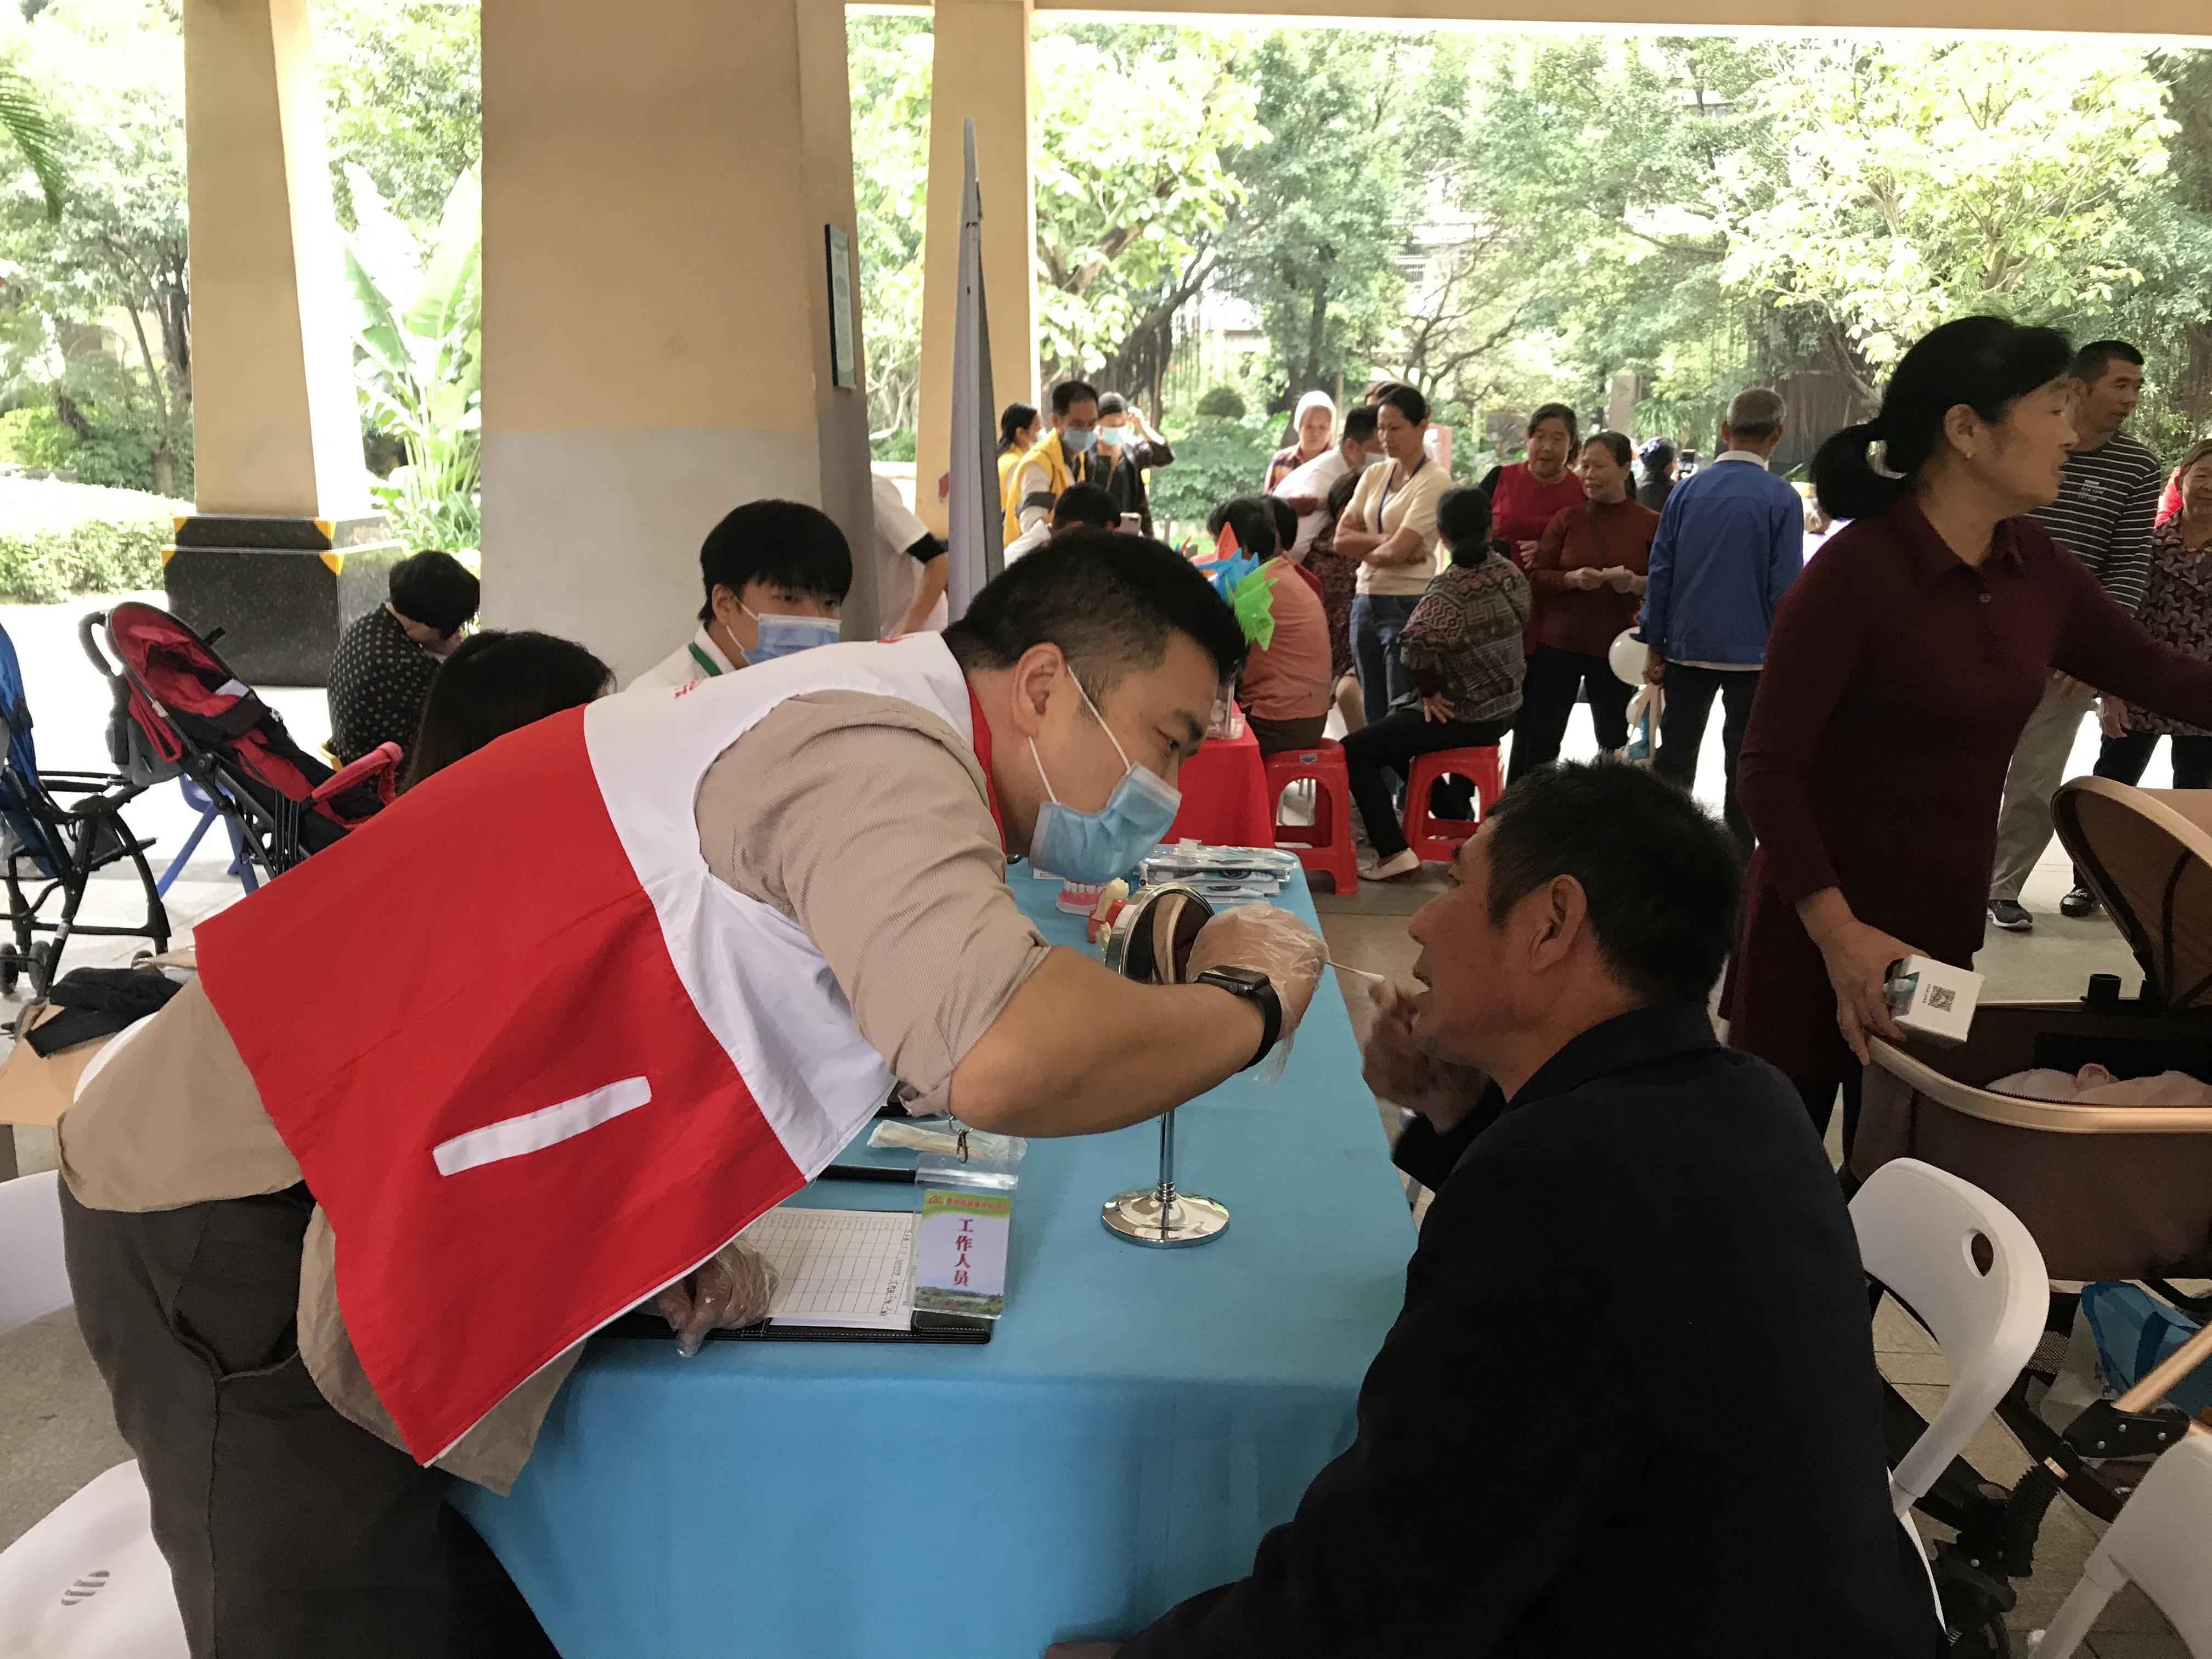 暖了秋天暖了心!惠城多地开展健康公益活动